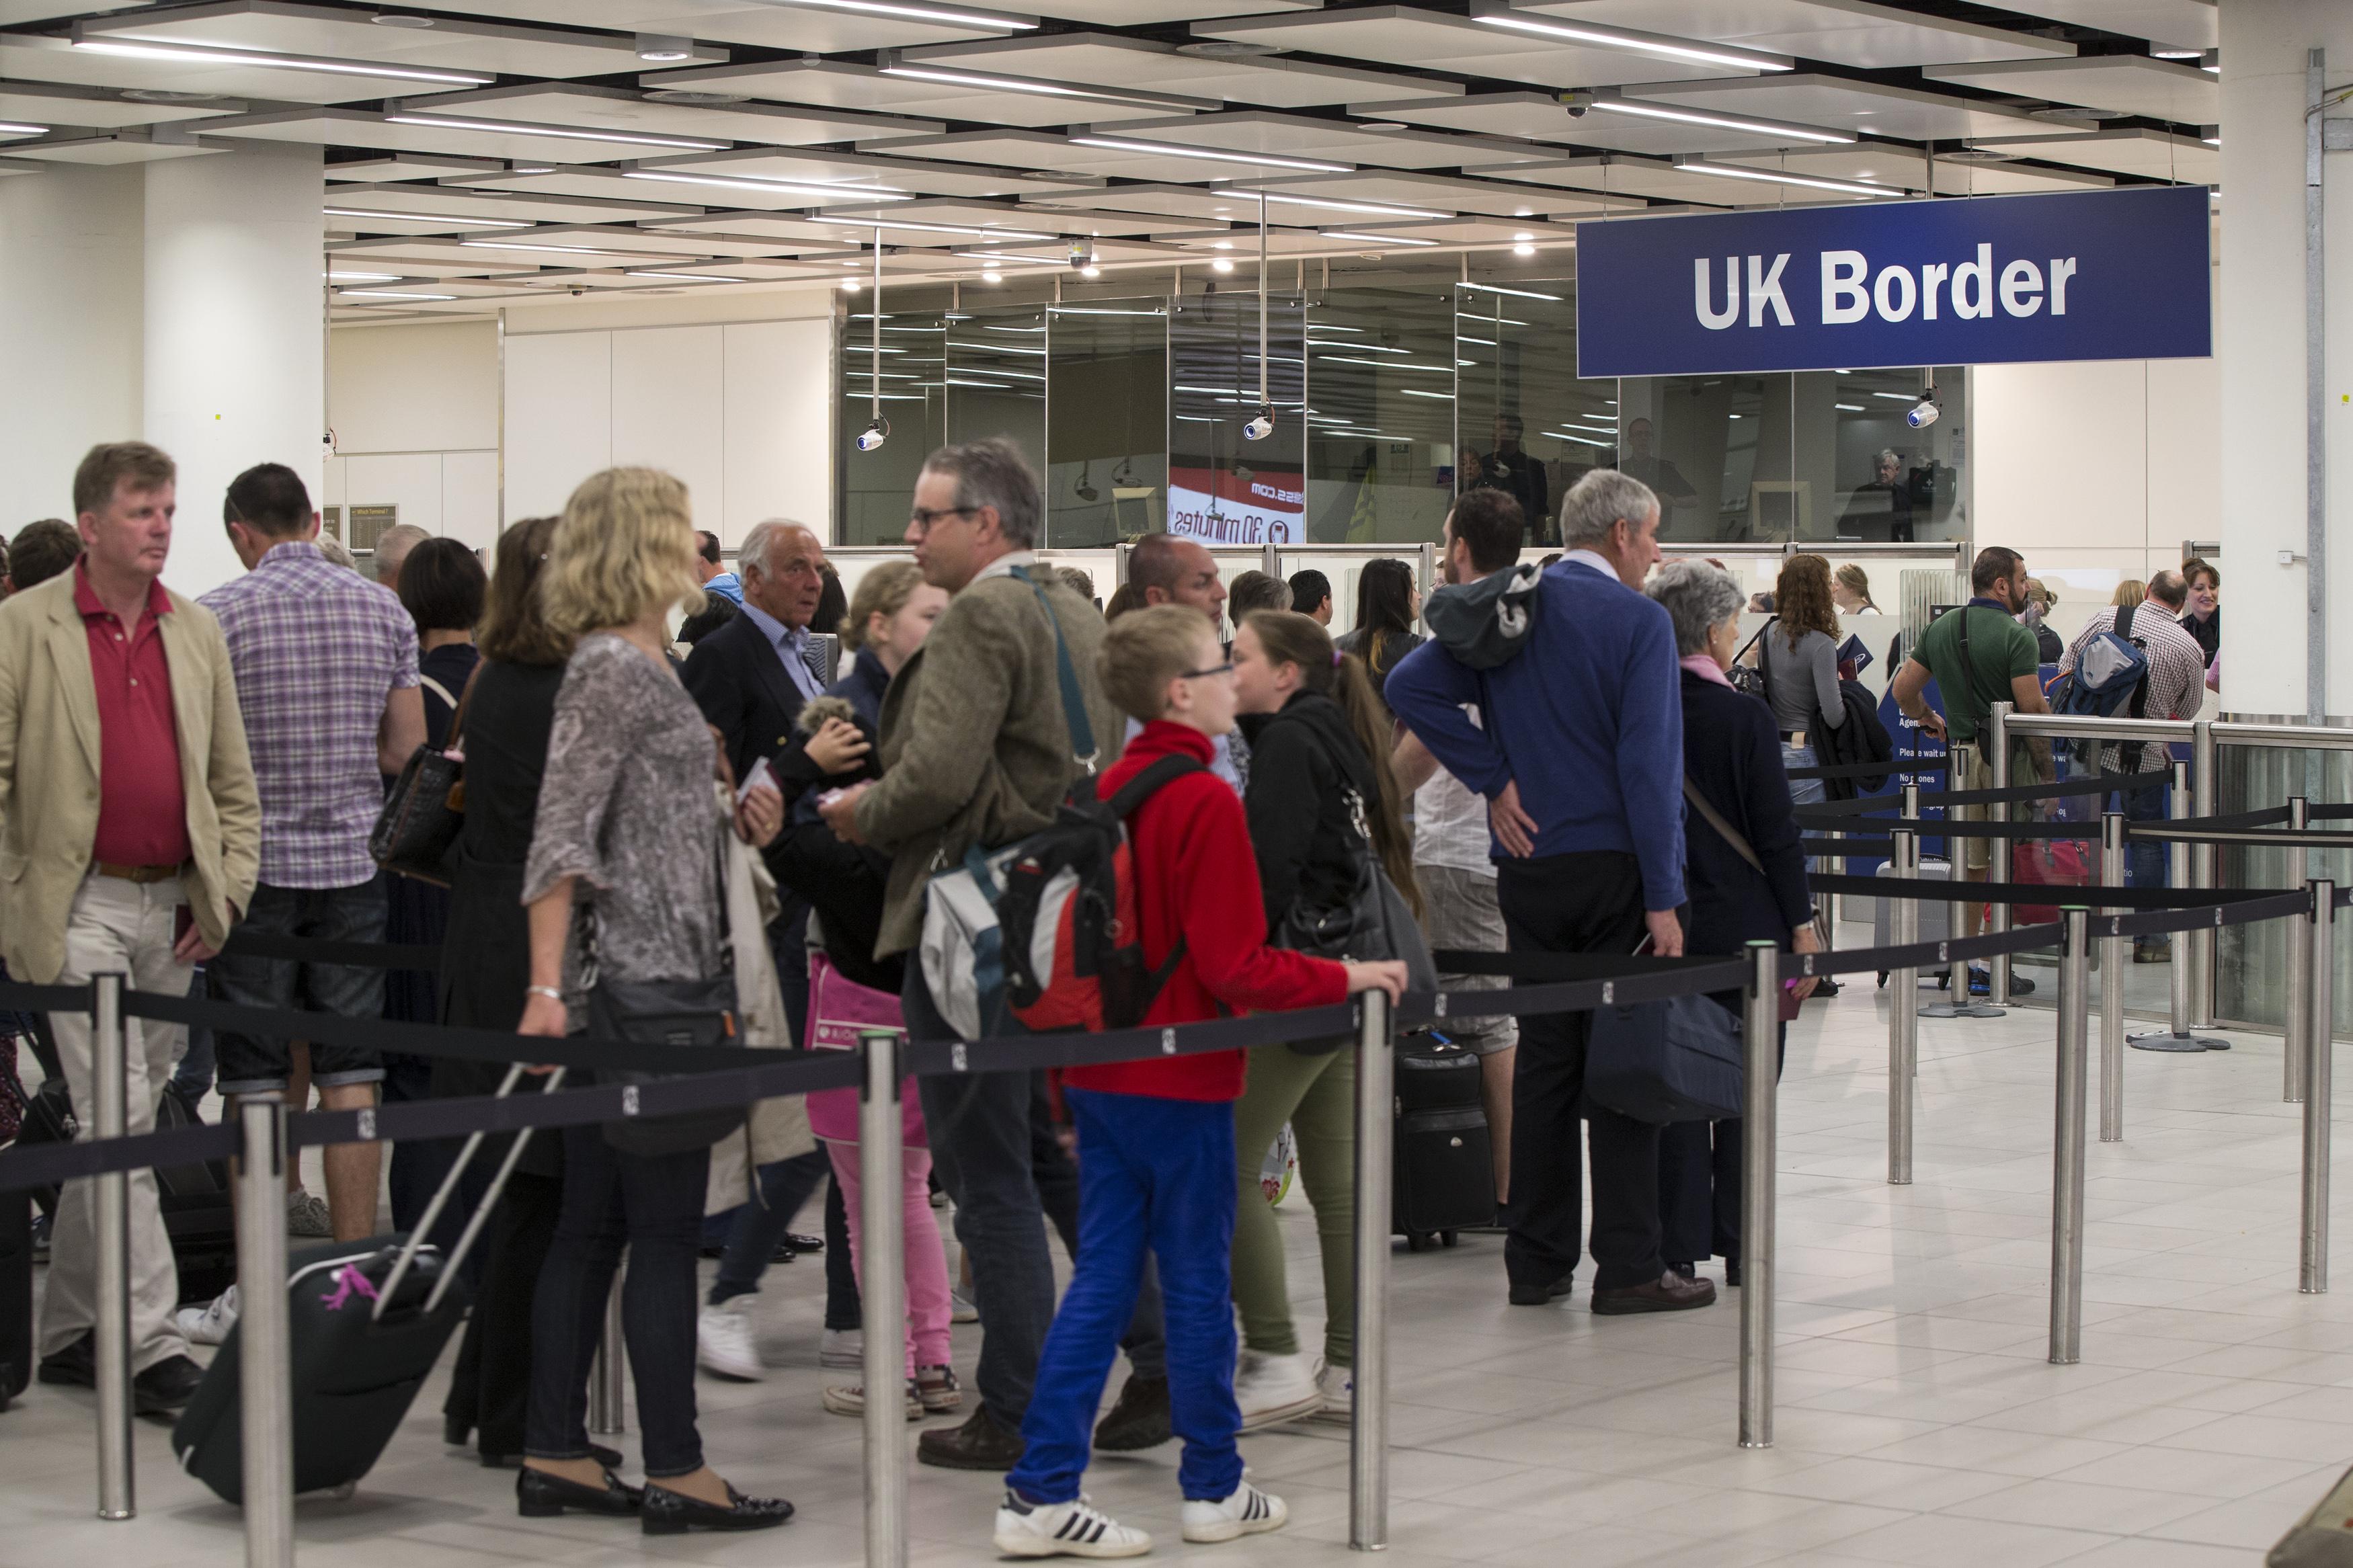 The Telegraph, despre cresterea fulminanta a imigrantilor din Marea Britanie. Numarul romanilor s-a triplat intr-un an